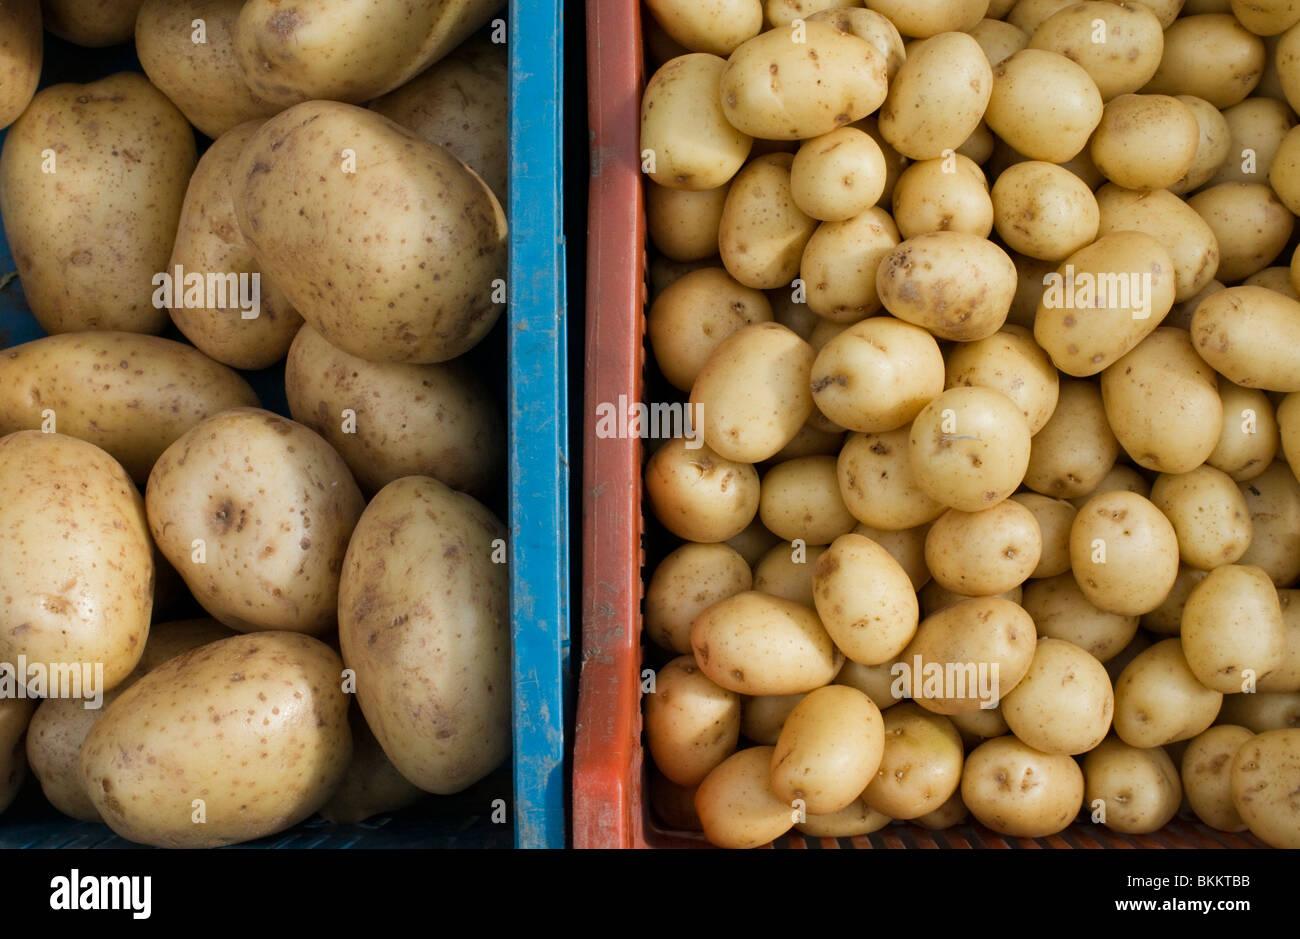 Gran cottura patate e piccolo nuovo o insalata di patate a vendere in un mercato, UK. Immagini Stock